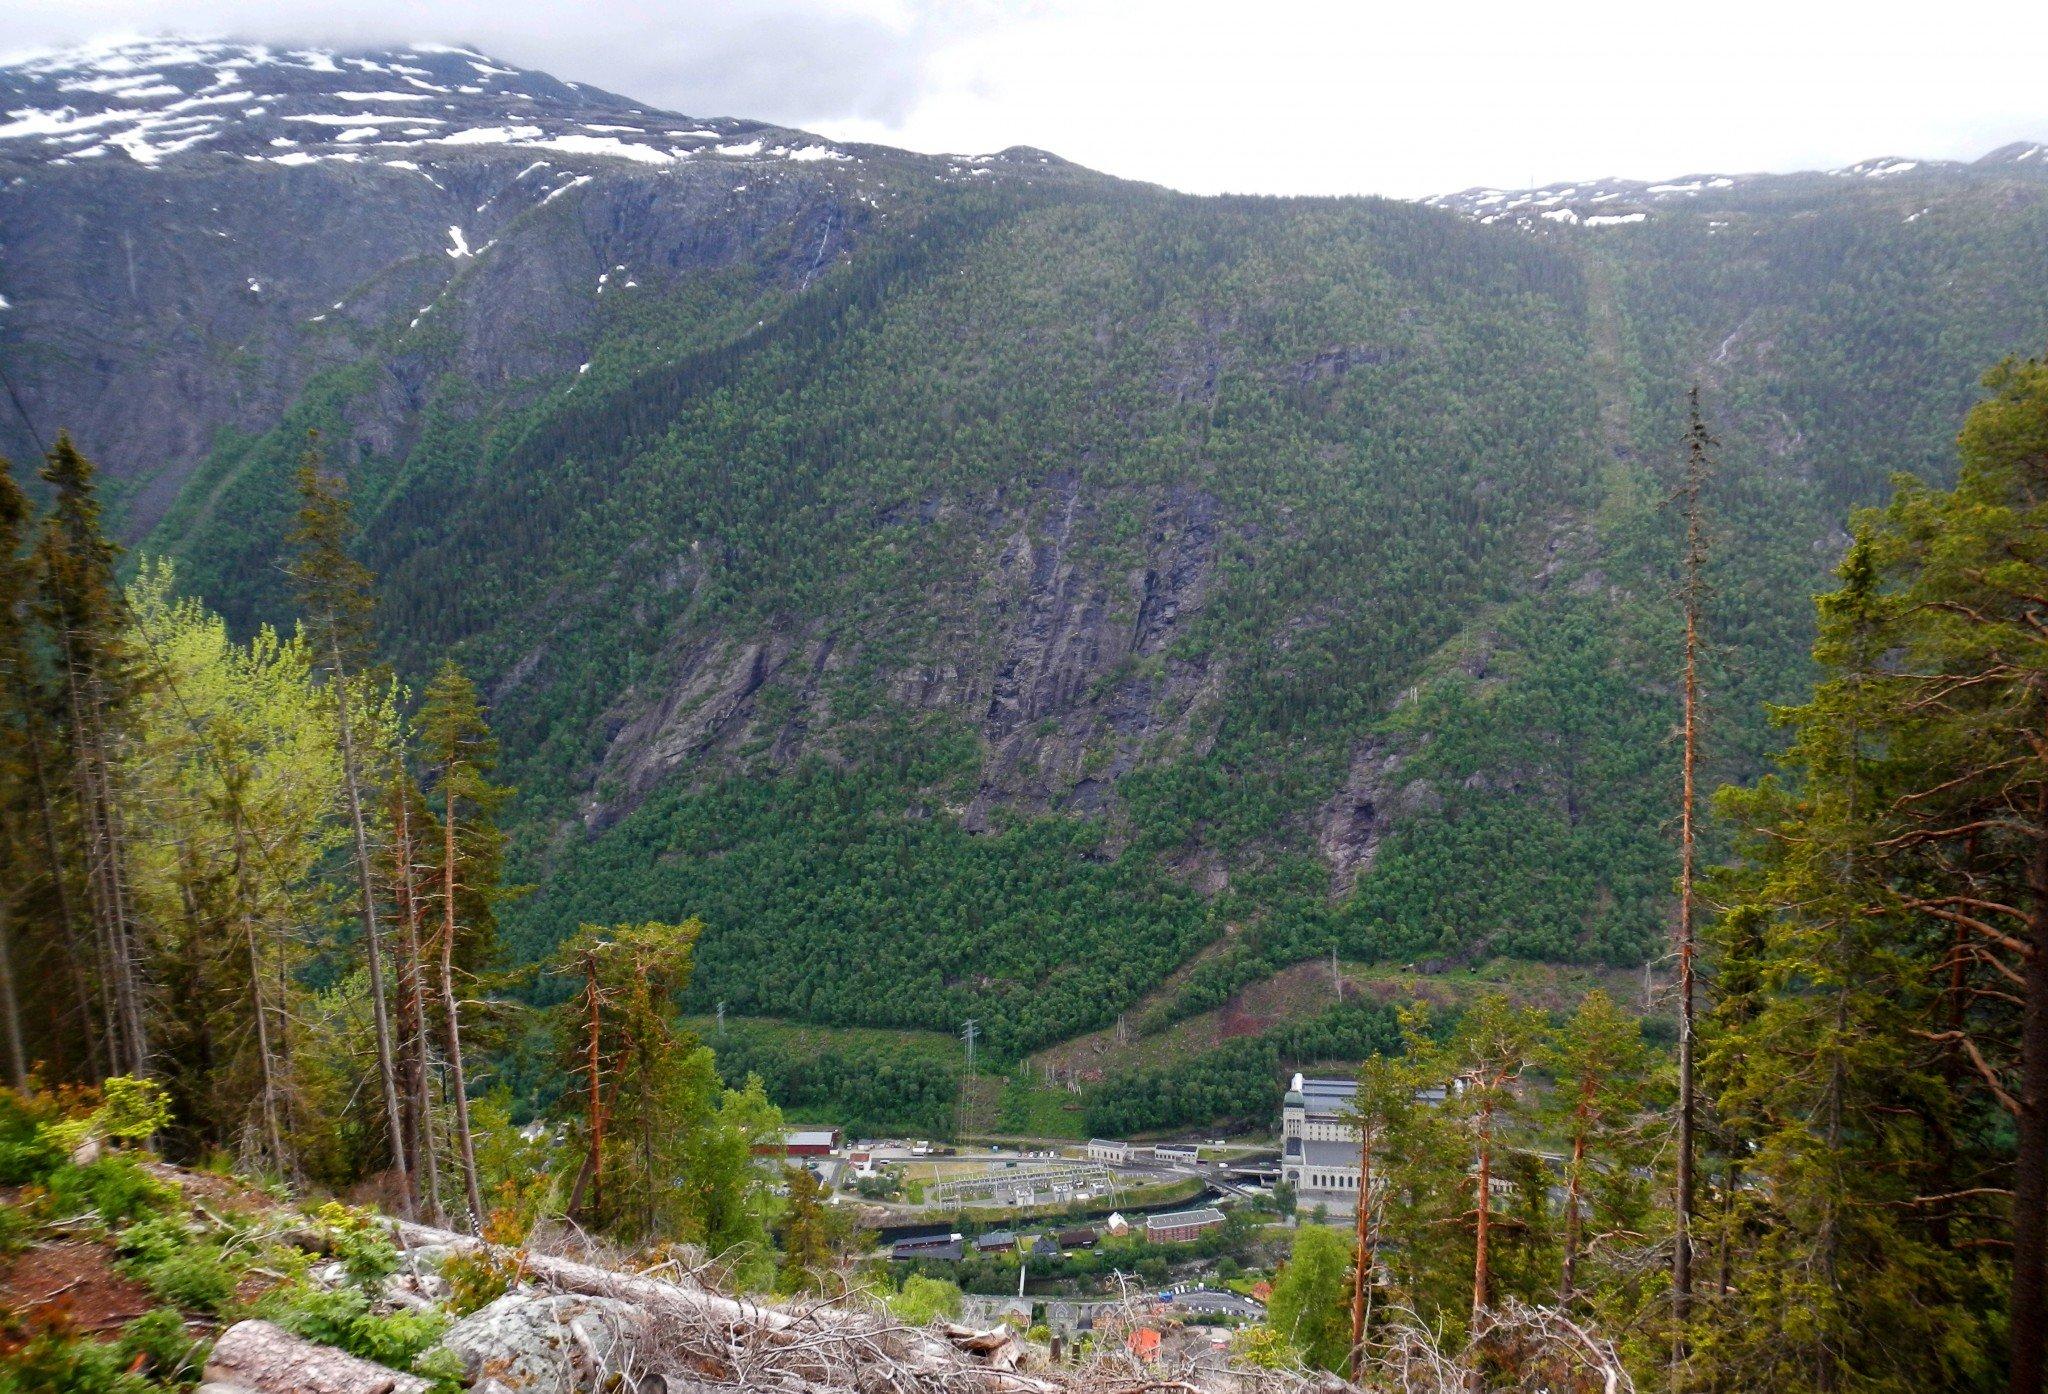 Rjukanin kylä sijaitsee kahden korkean vuoren välissä.